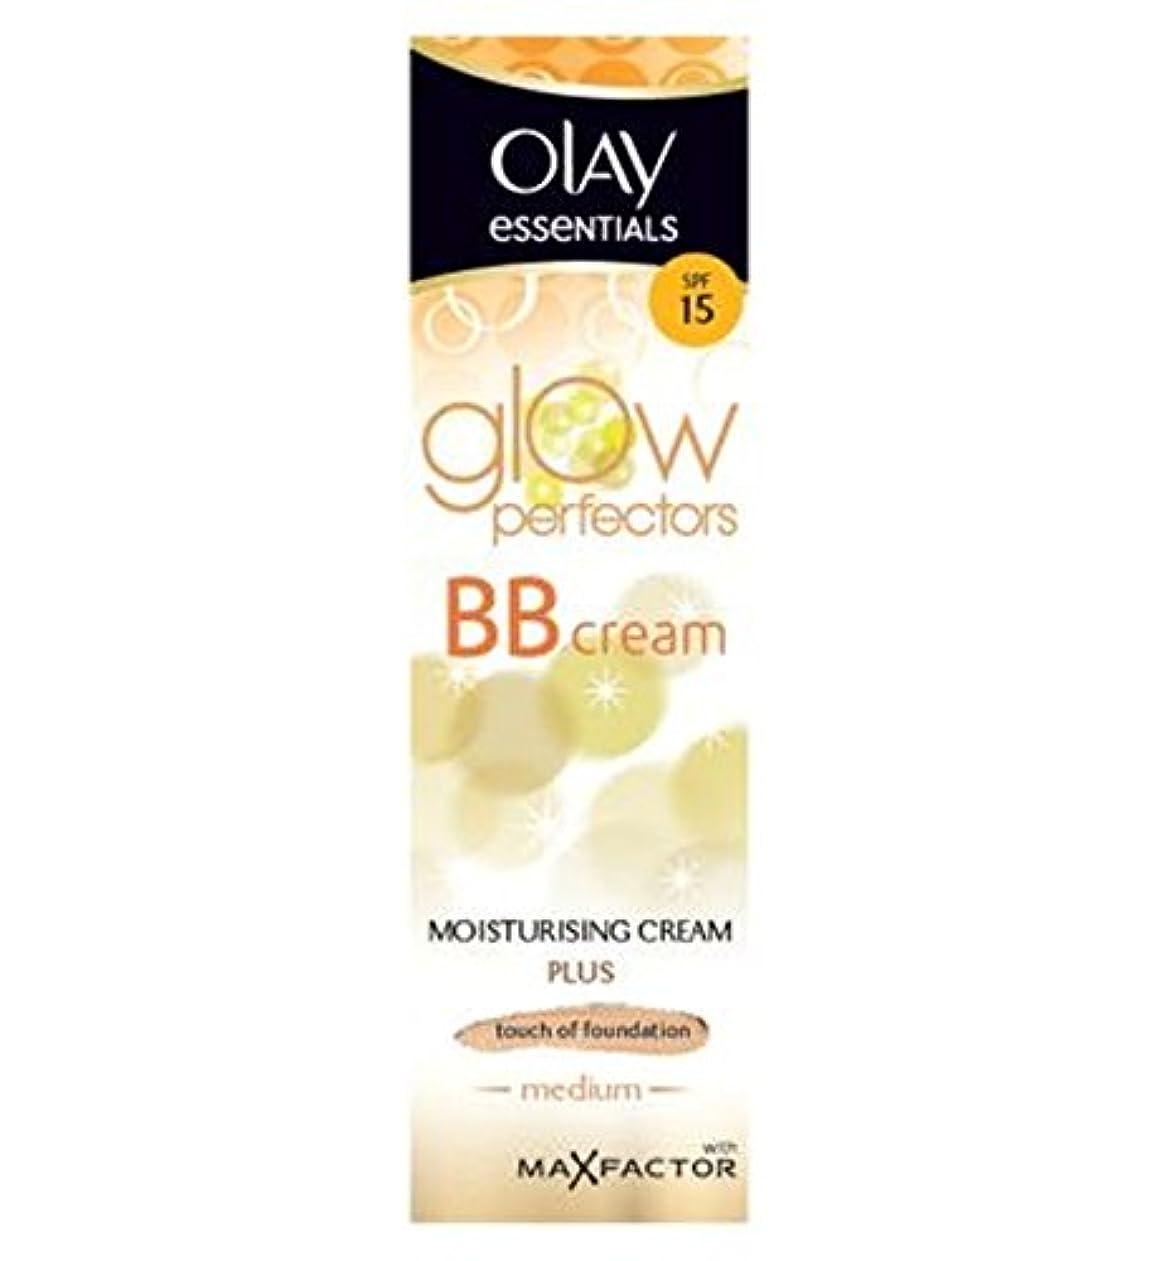 エンドウ多様な許容着色保湿50ミリリットルを完成オーレイ完全なBbクリームSpf15スキン - 中 (Olay) (x2) - Olay Complete BB Cream SPF15 Skin Perfecting Tinted Moisturiser...